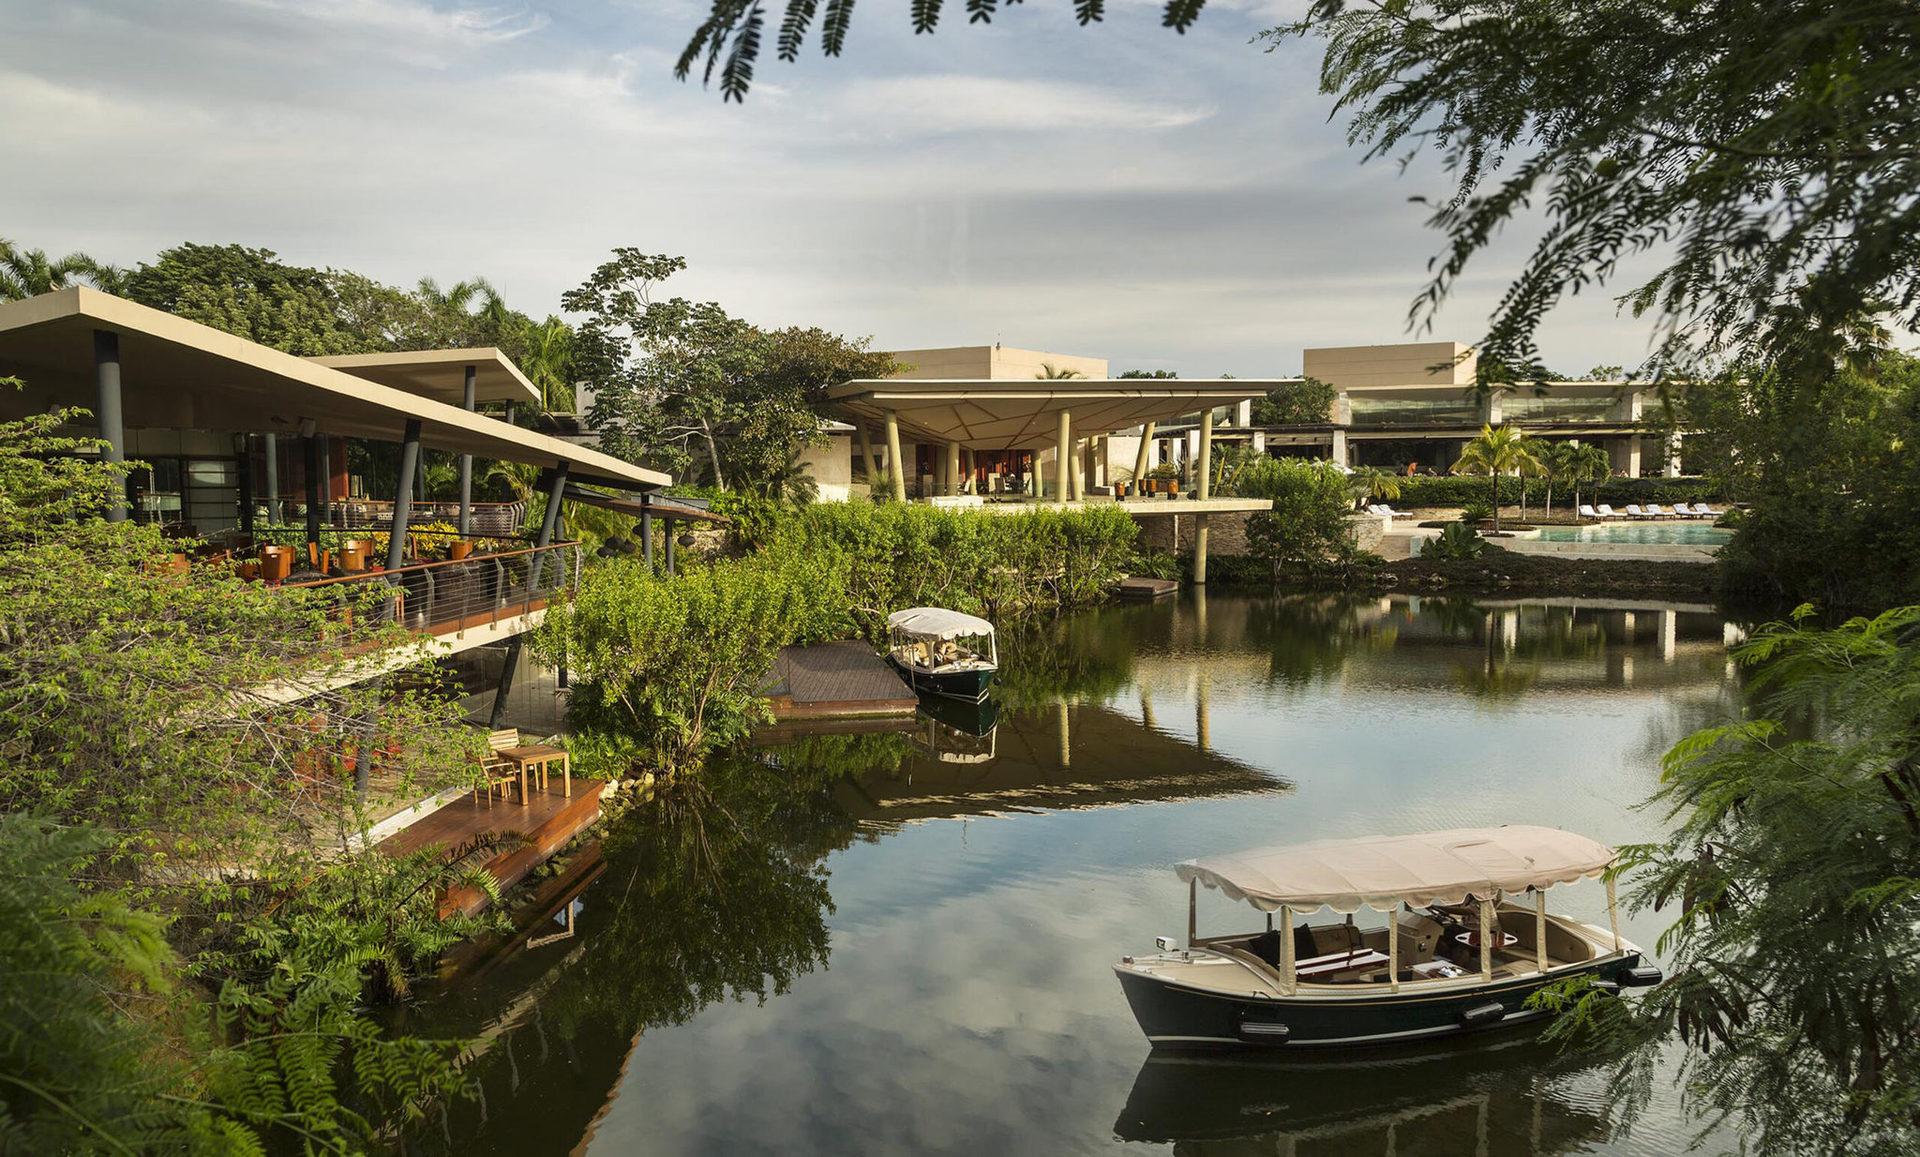 Готель розташування на території заповідника Майякоба: серед внутрішніх лагун та мангрових лісів.